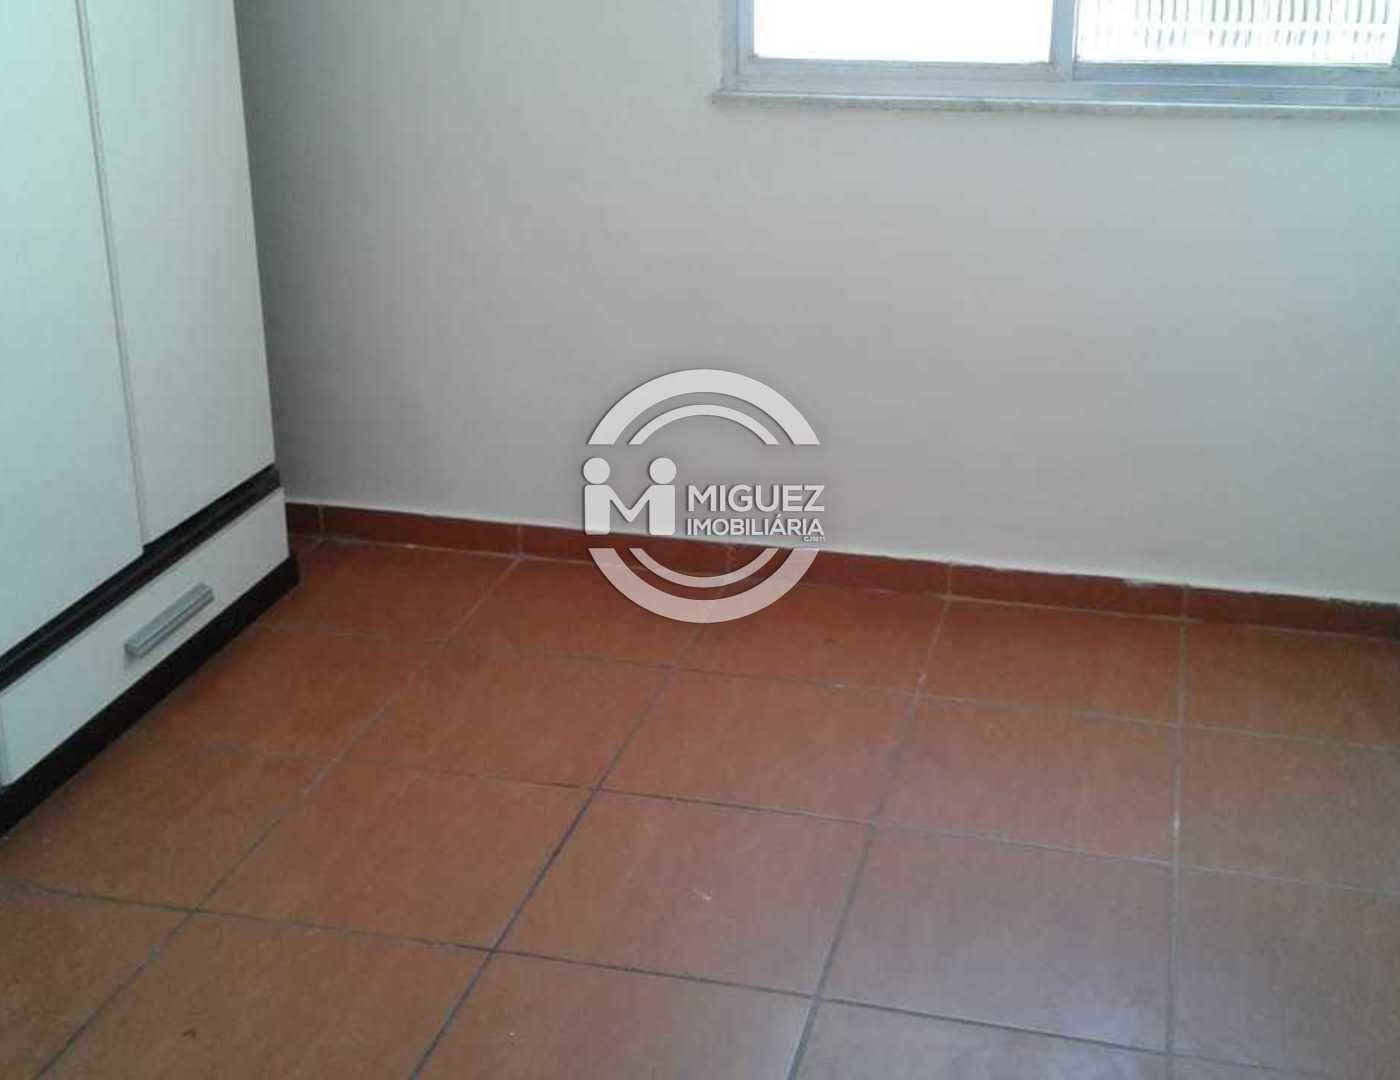 Apartamento, venda, Rua Adriano - Méier , Rio de janeiro